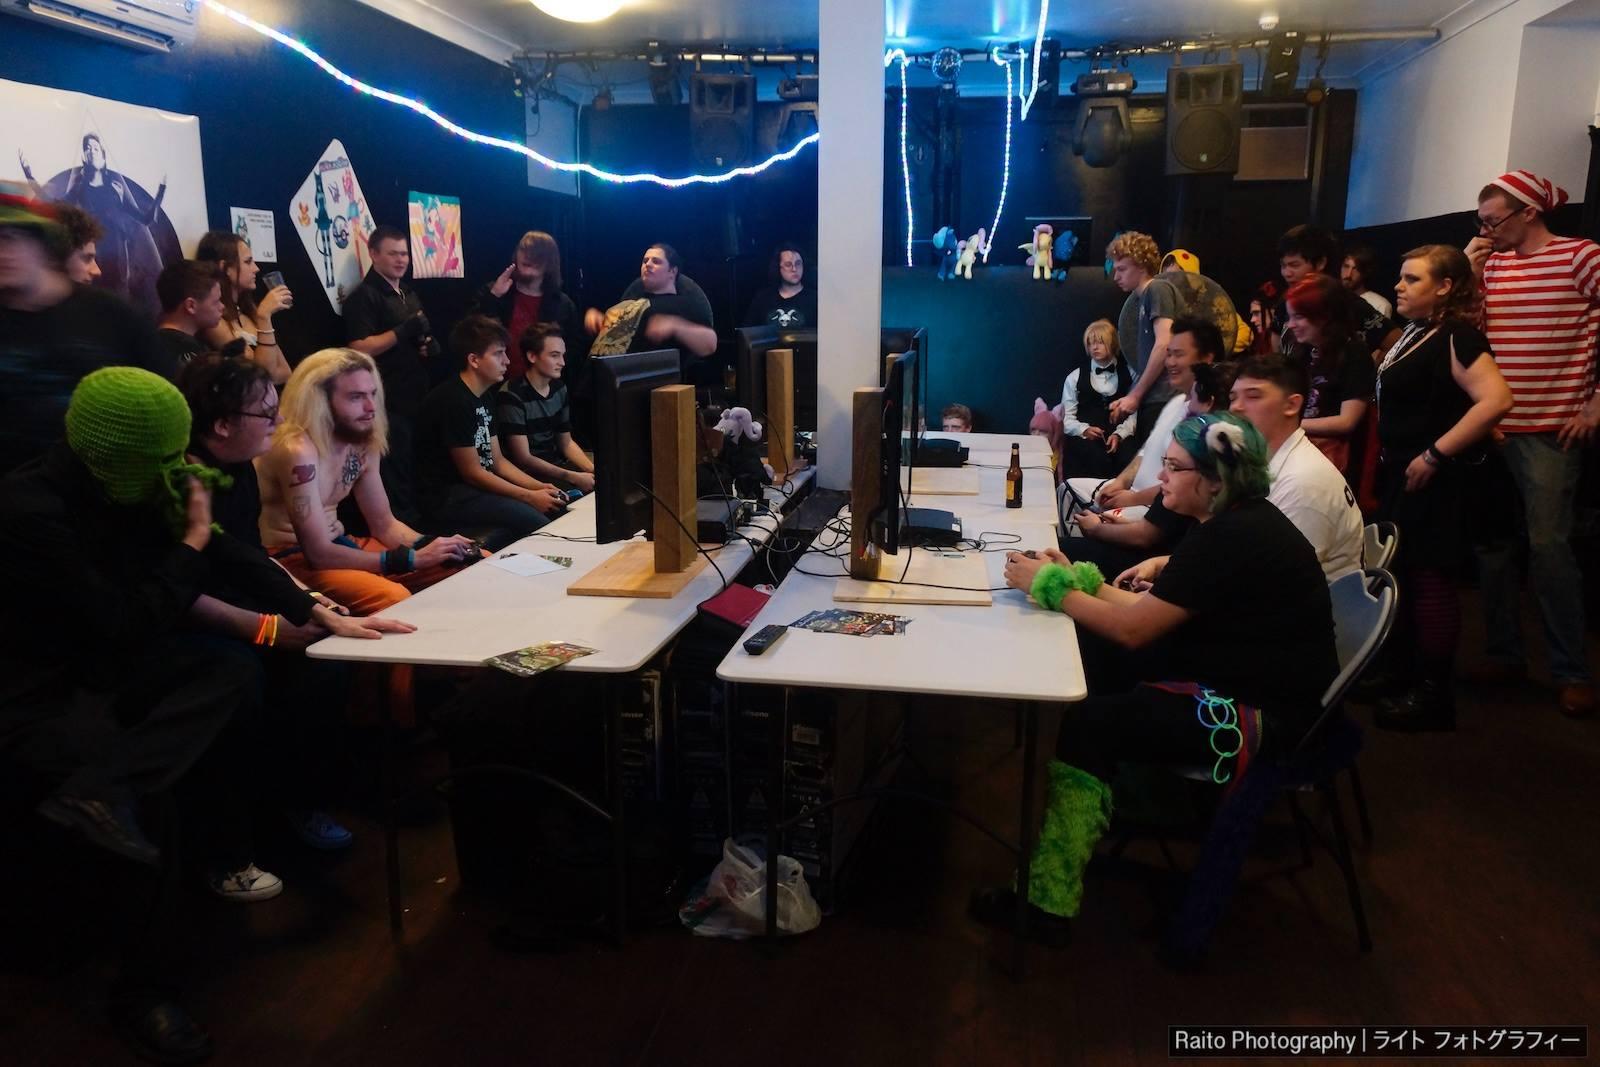 Pyon Gaming